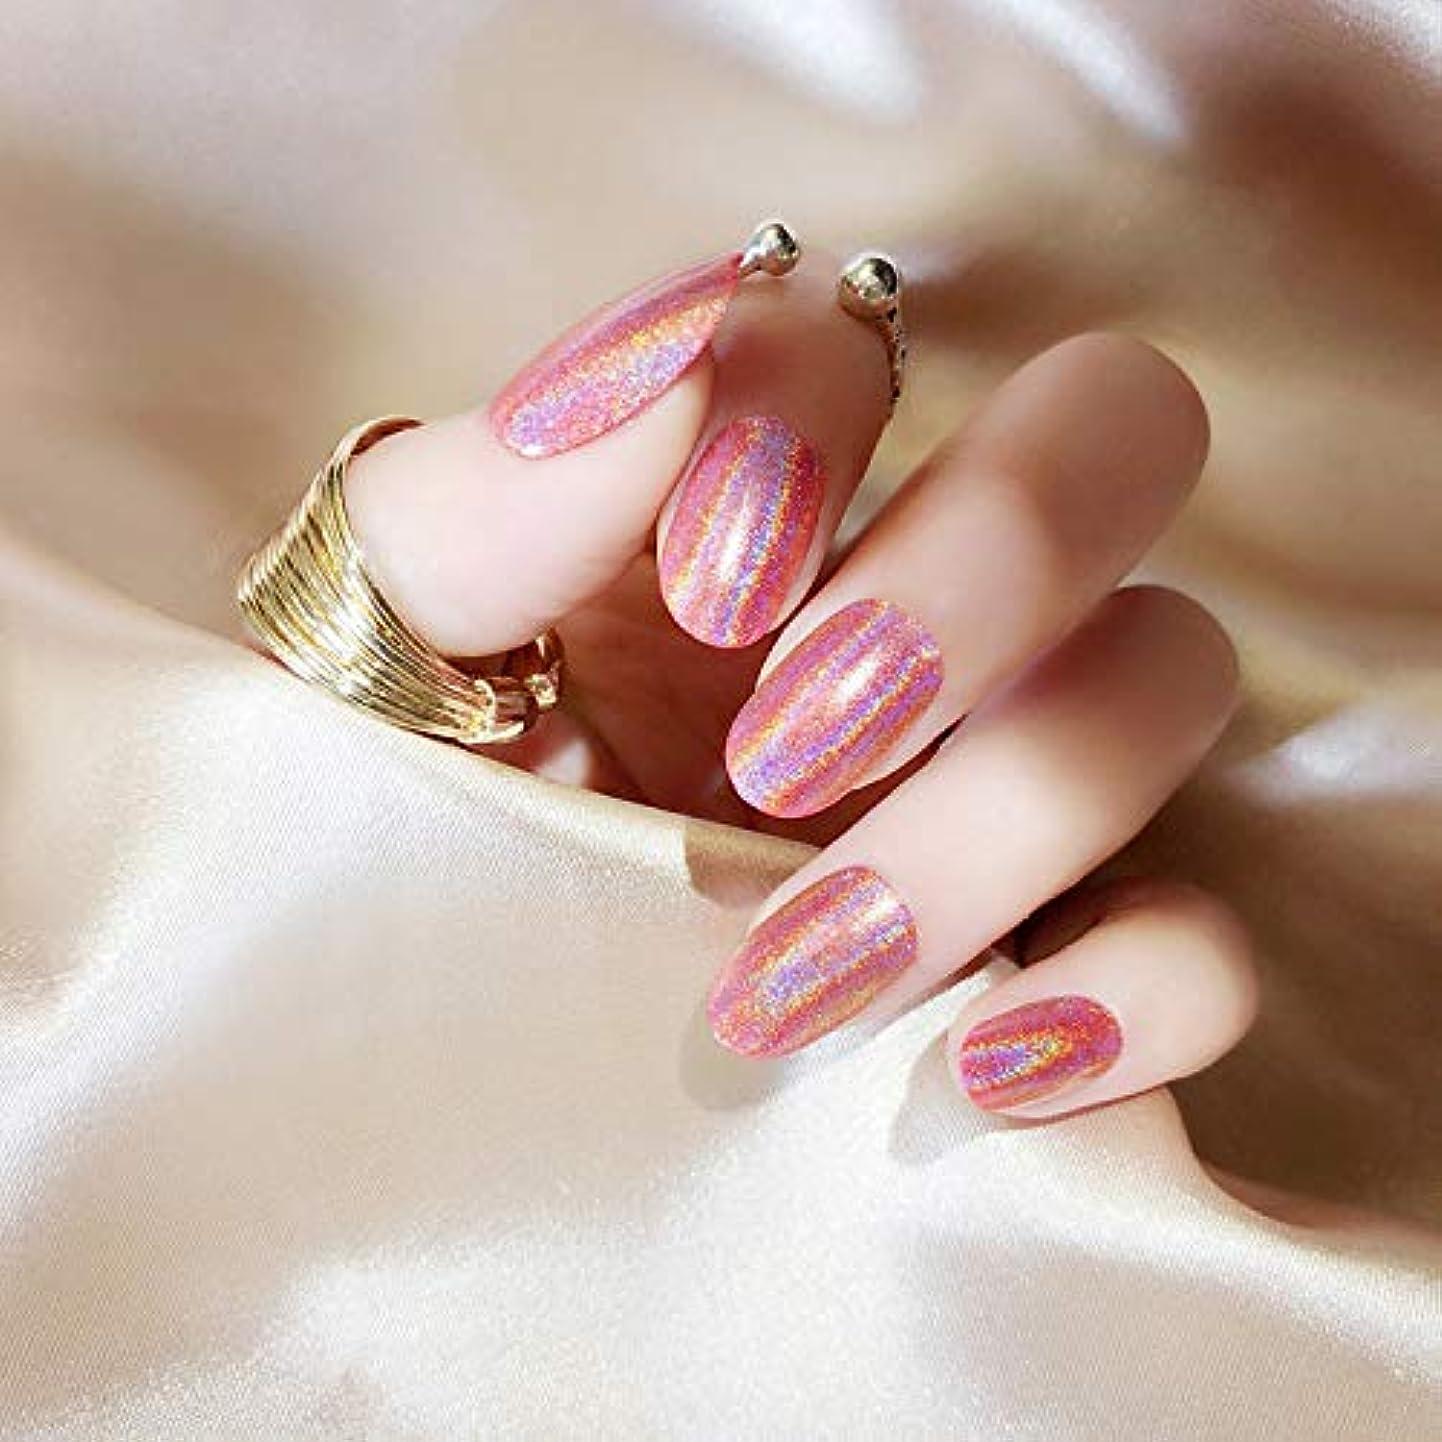 質感 彩がつく 24枚純色付け爪 ネイル貼るだけネイルチップ レーザー 多重光沢 お花嫁付け爪 ジェルネイルの光疗法 シンフォニー (桜ピンク)